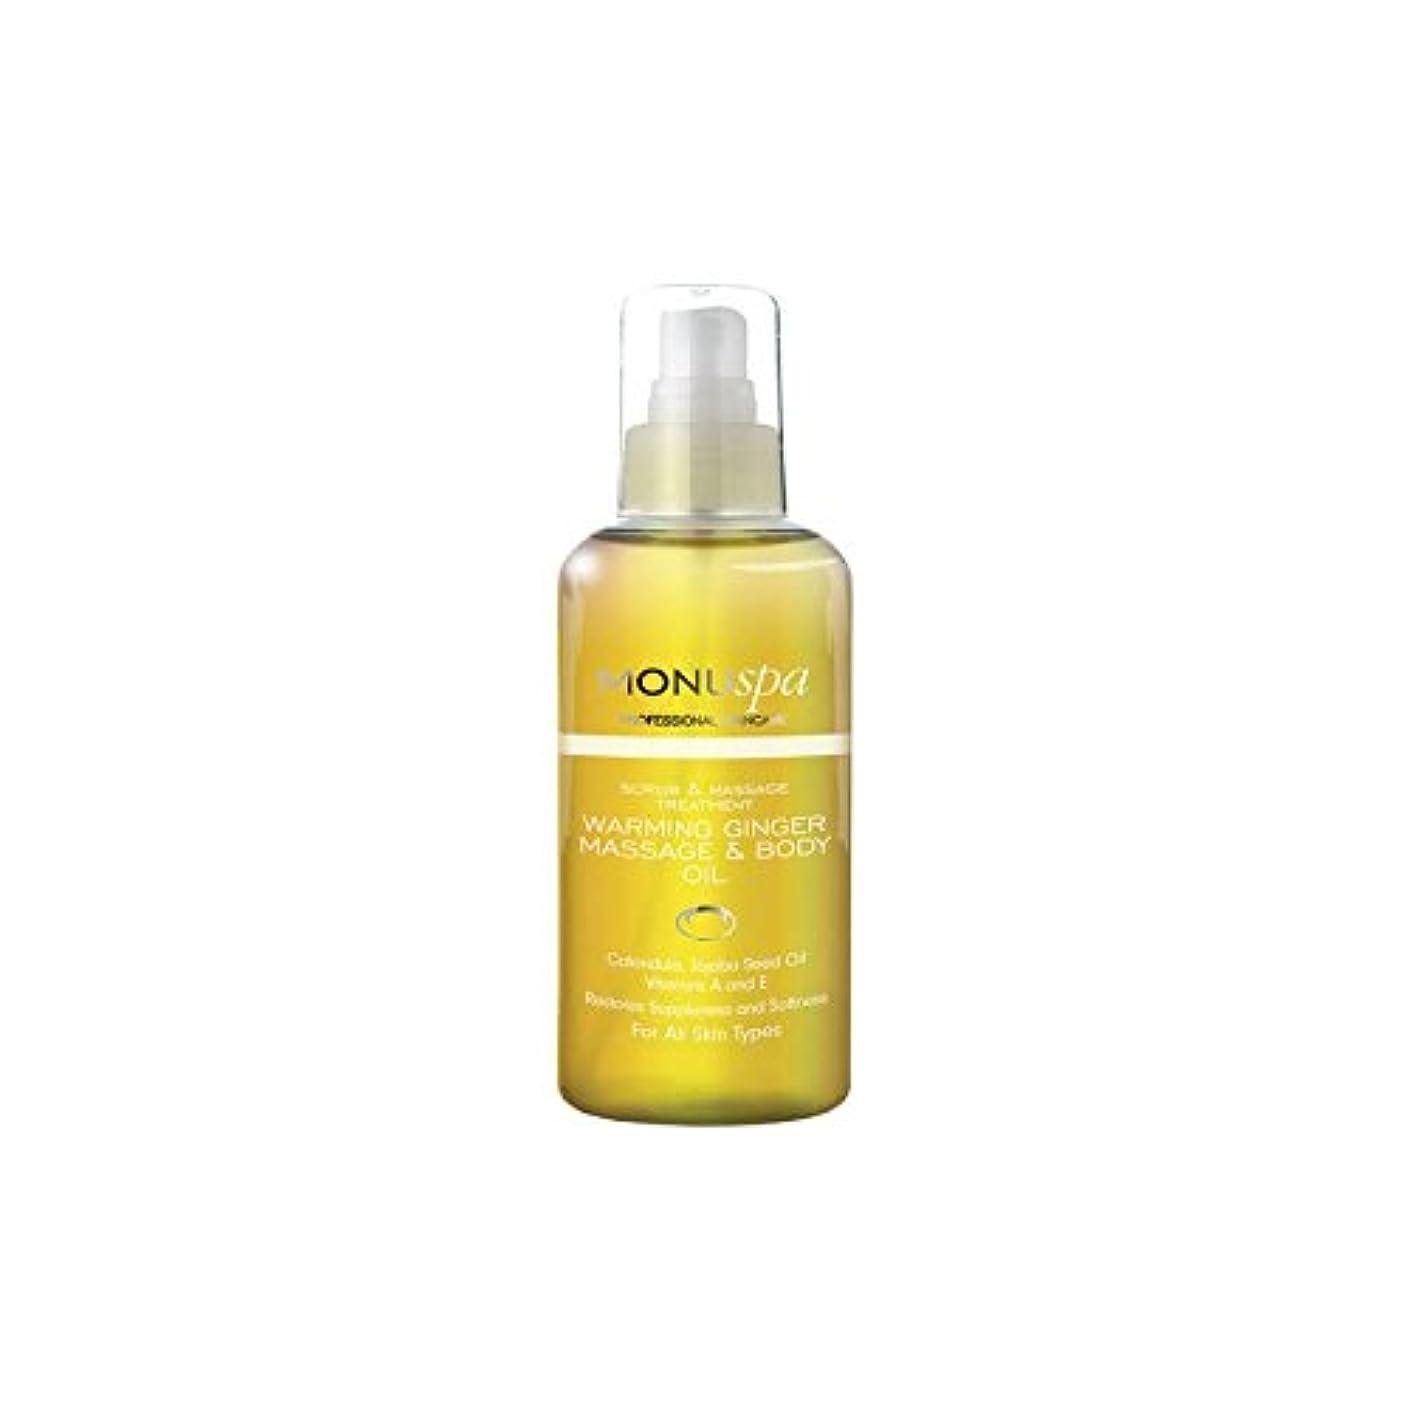 素晴らしき告発毎年MONUspa Warming Ginger Body Oil 100ml - 温暖化ジンジャーボディオイル100ミリリットル [並行輸入品]